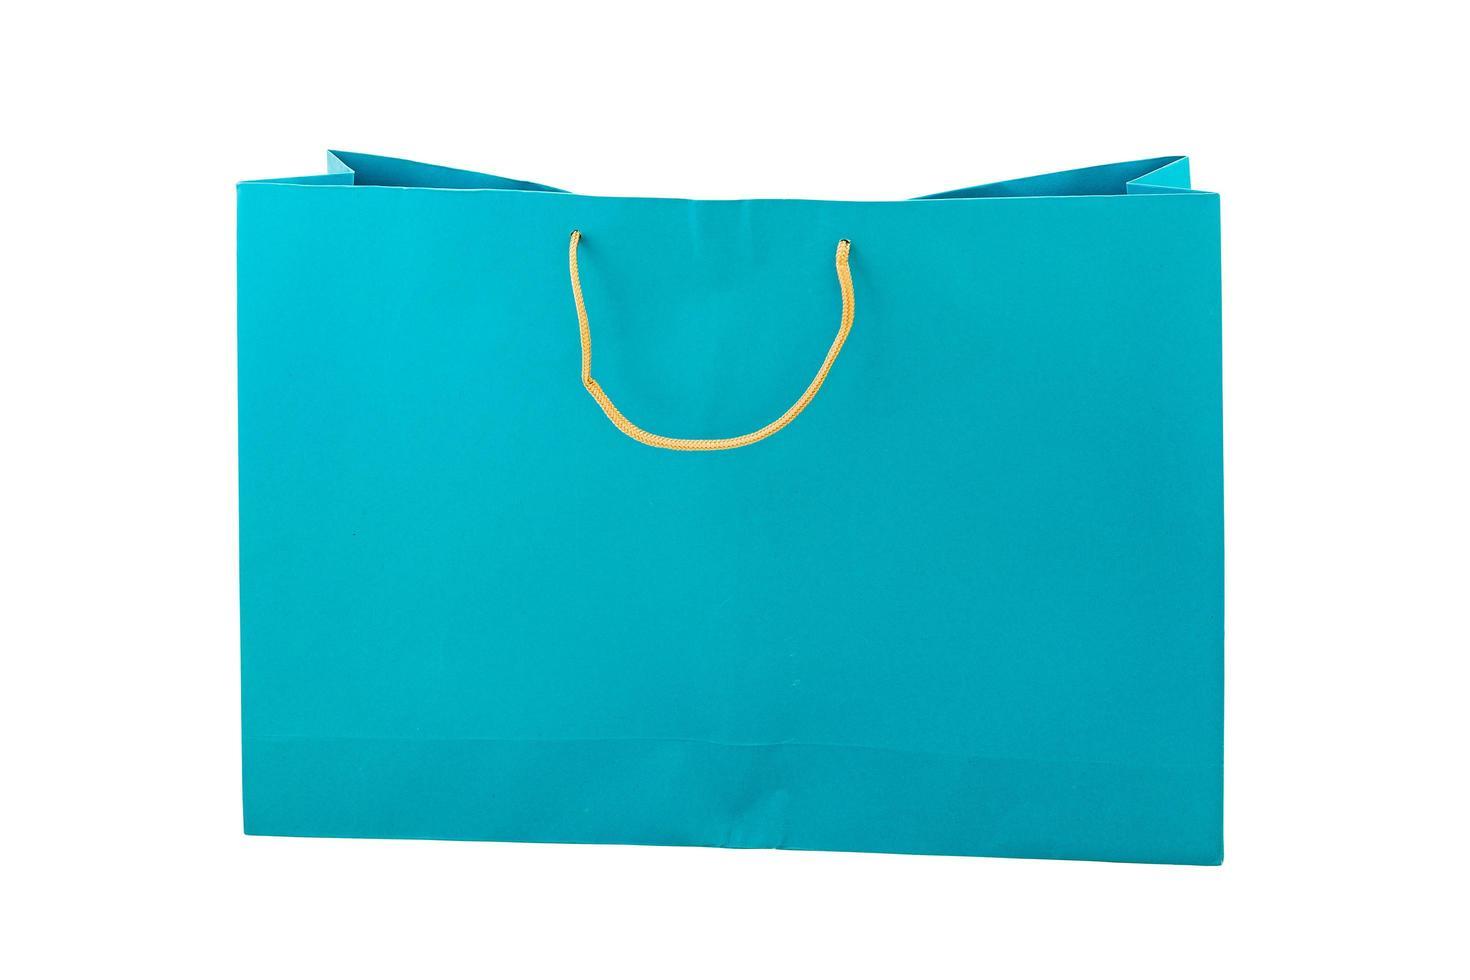 blauwe papieren zak geïsoleerd op een witte achtergrond foto